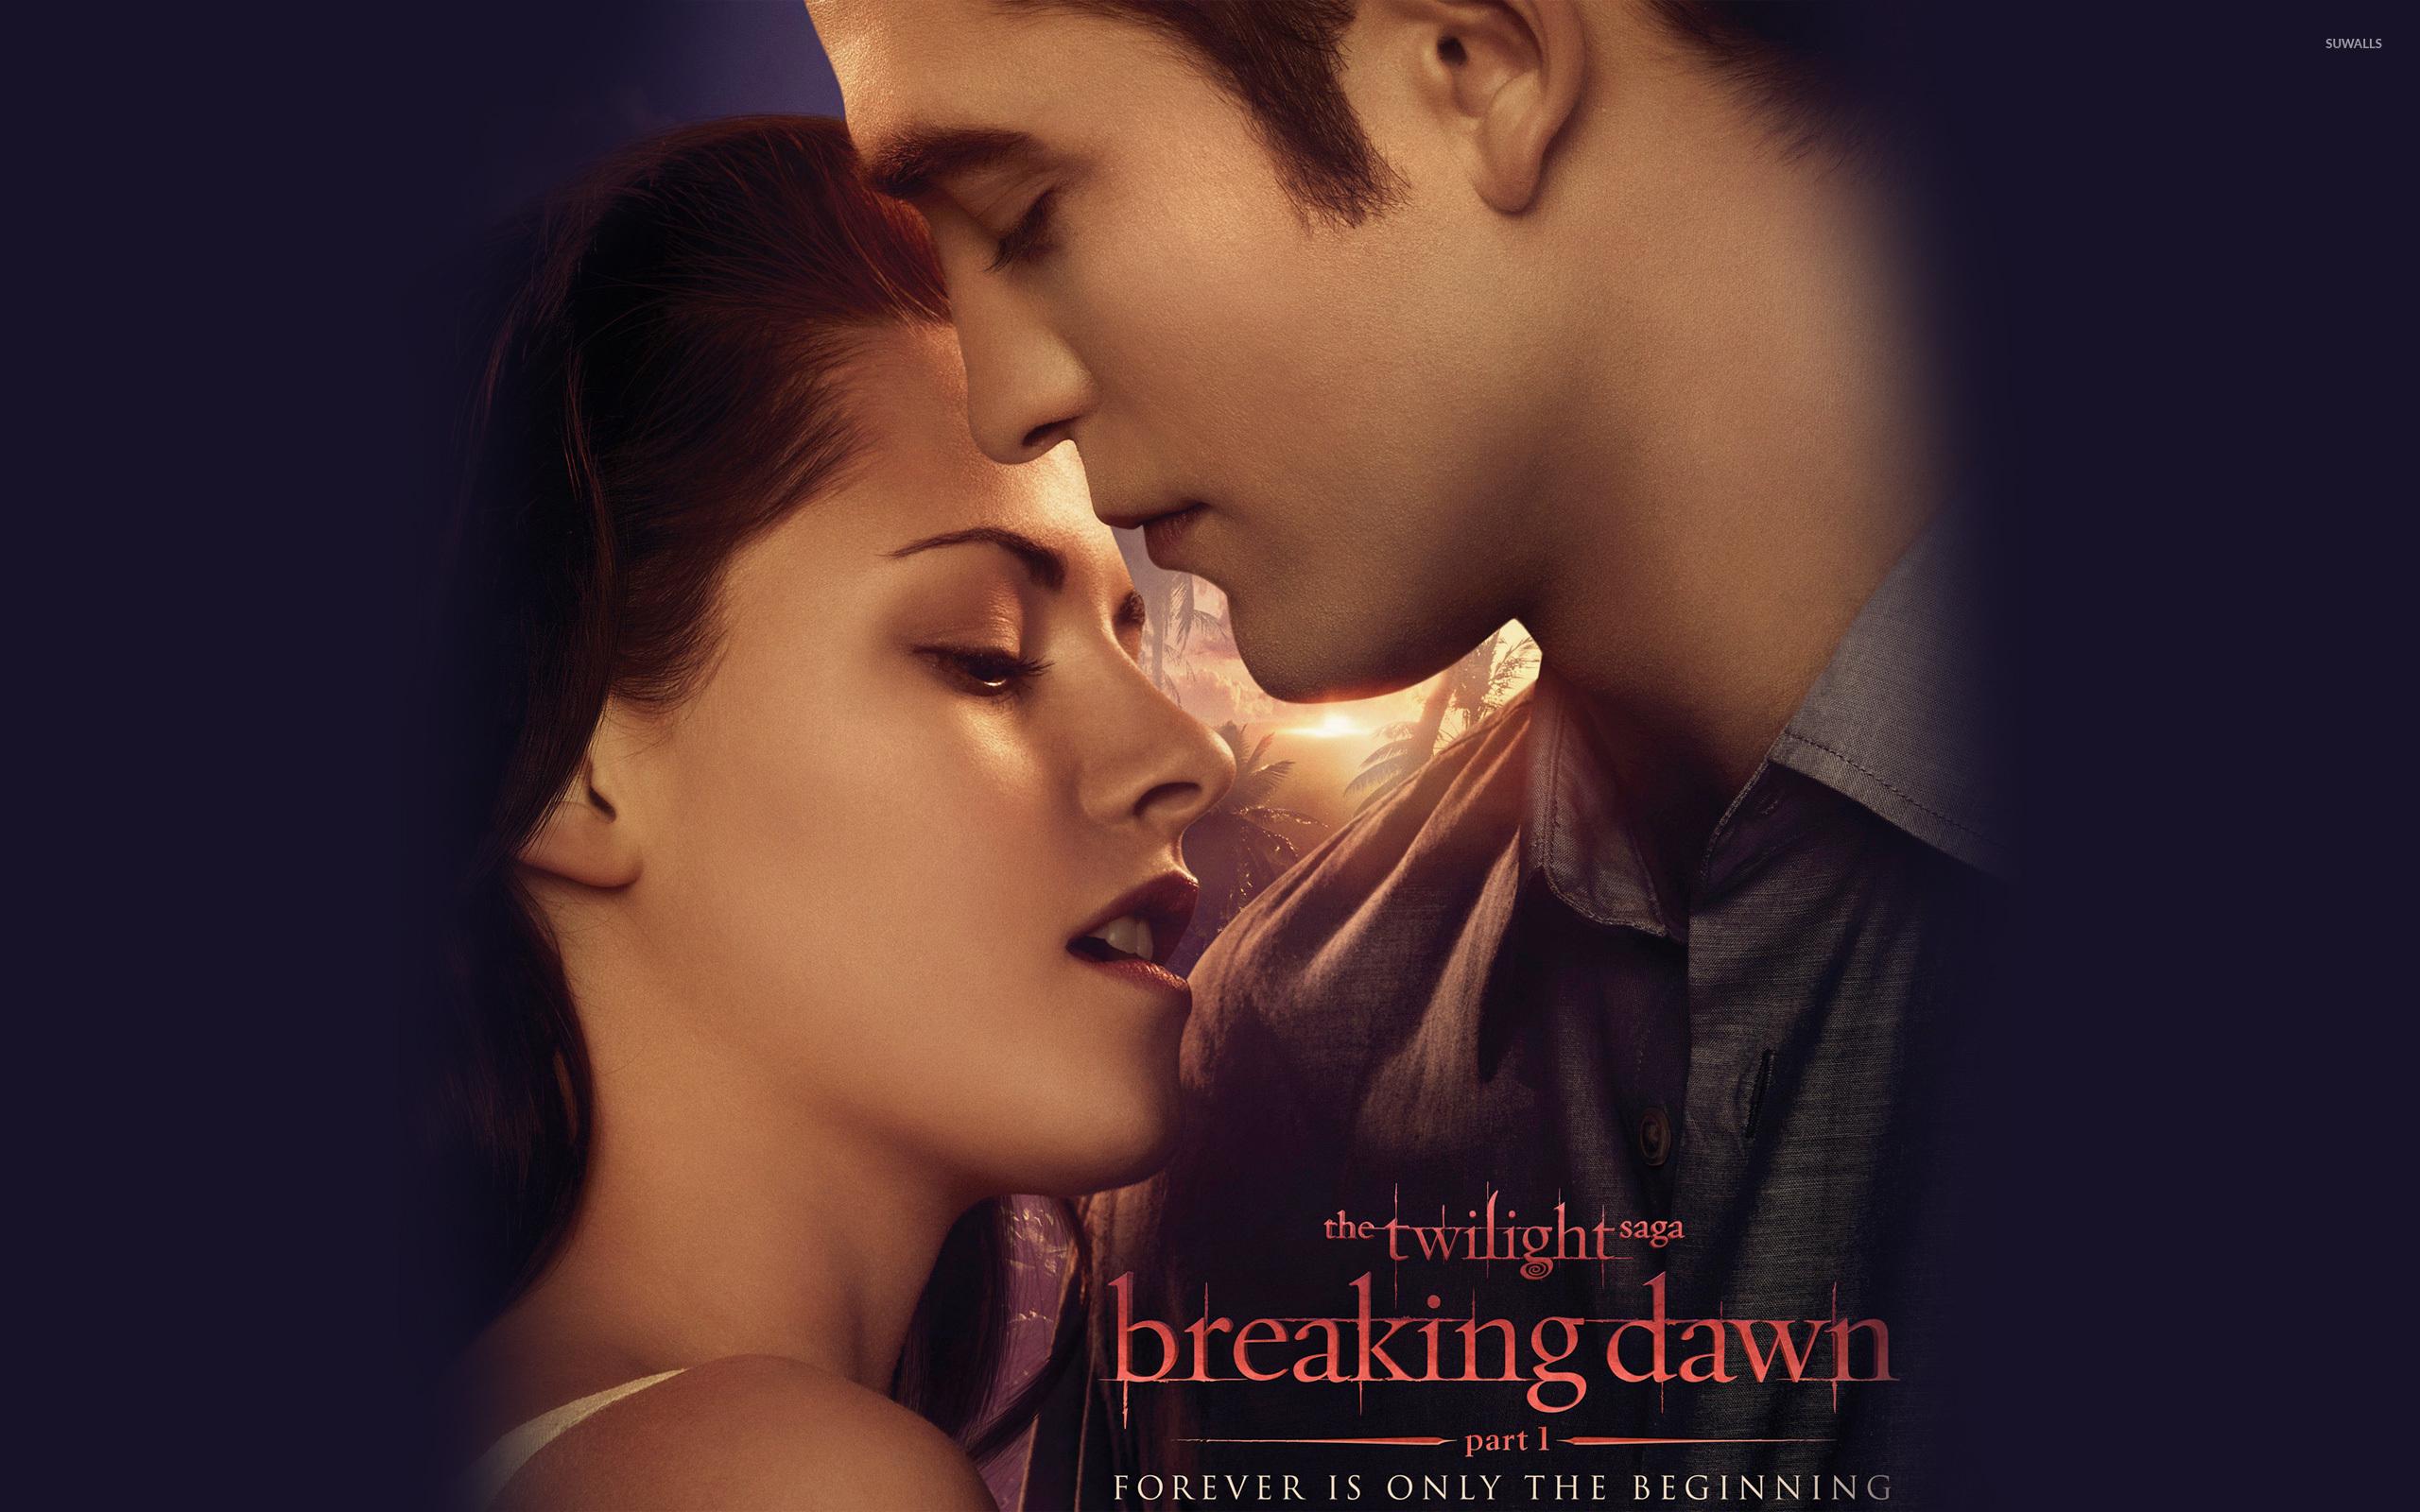 Image cullen family breaking dawn wallpaper twilight series - The Twilight Saga Breaking Dawn Part 1 4 Wallpaper